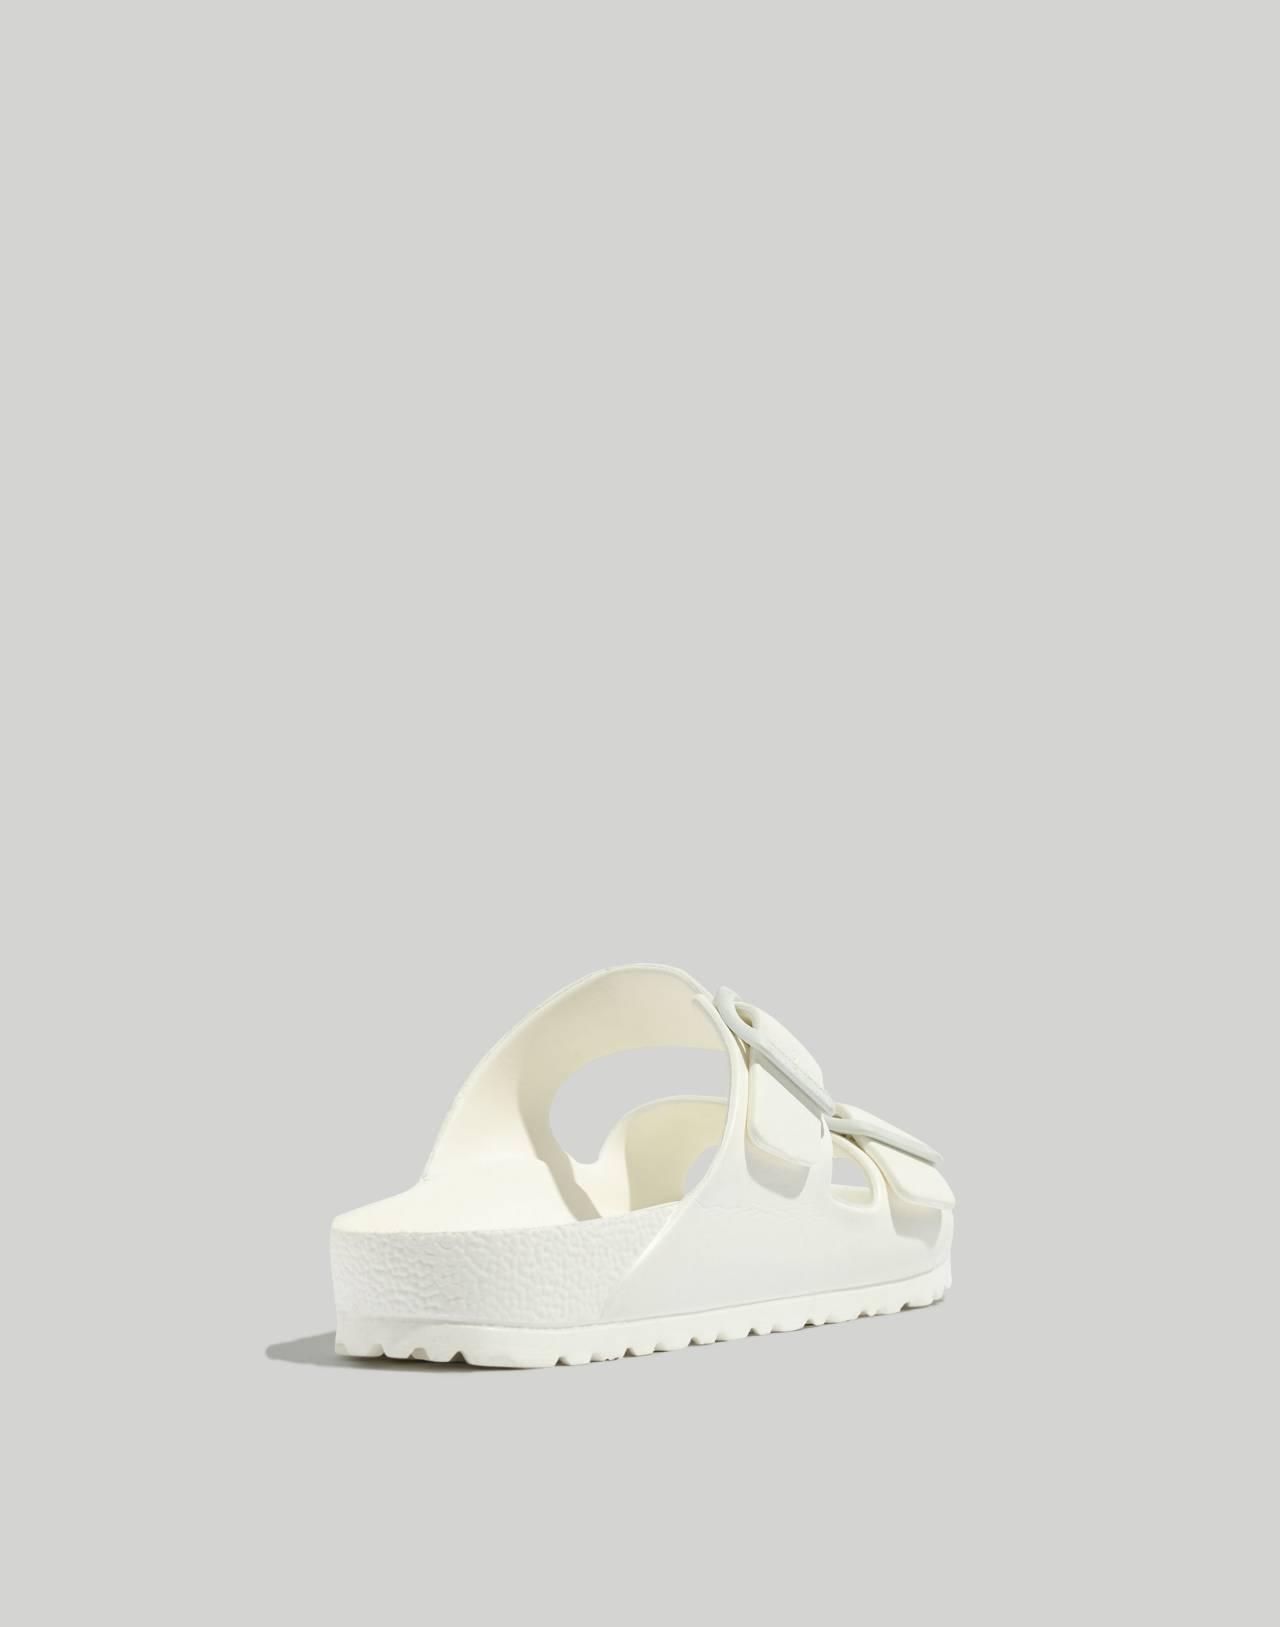 Birkenstock® Arizona EVA Sandals in white image 4